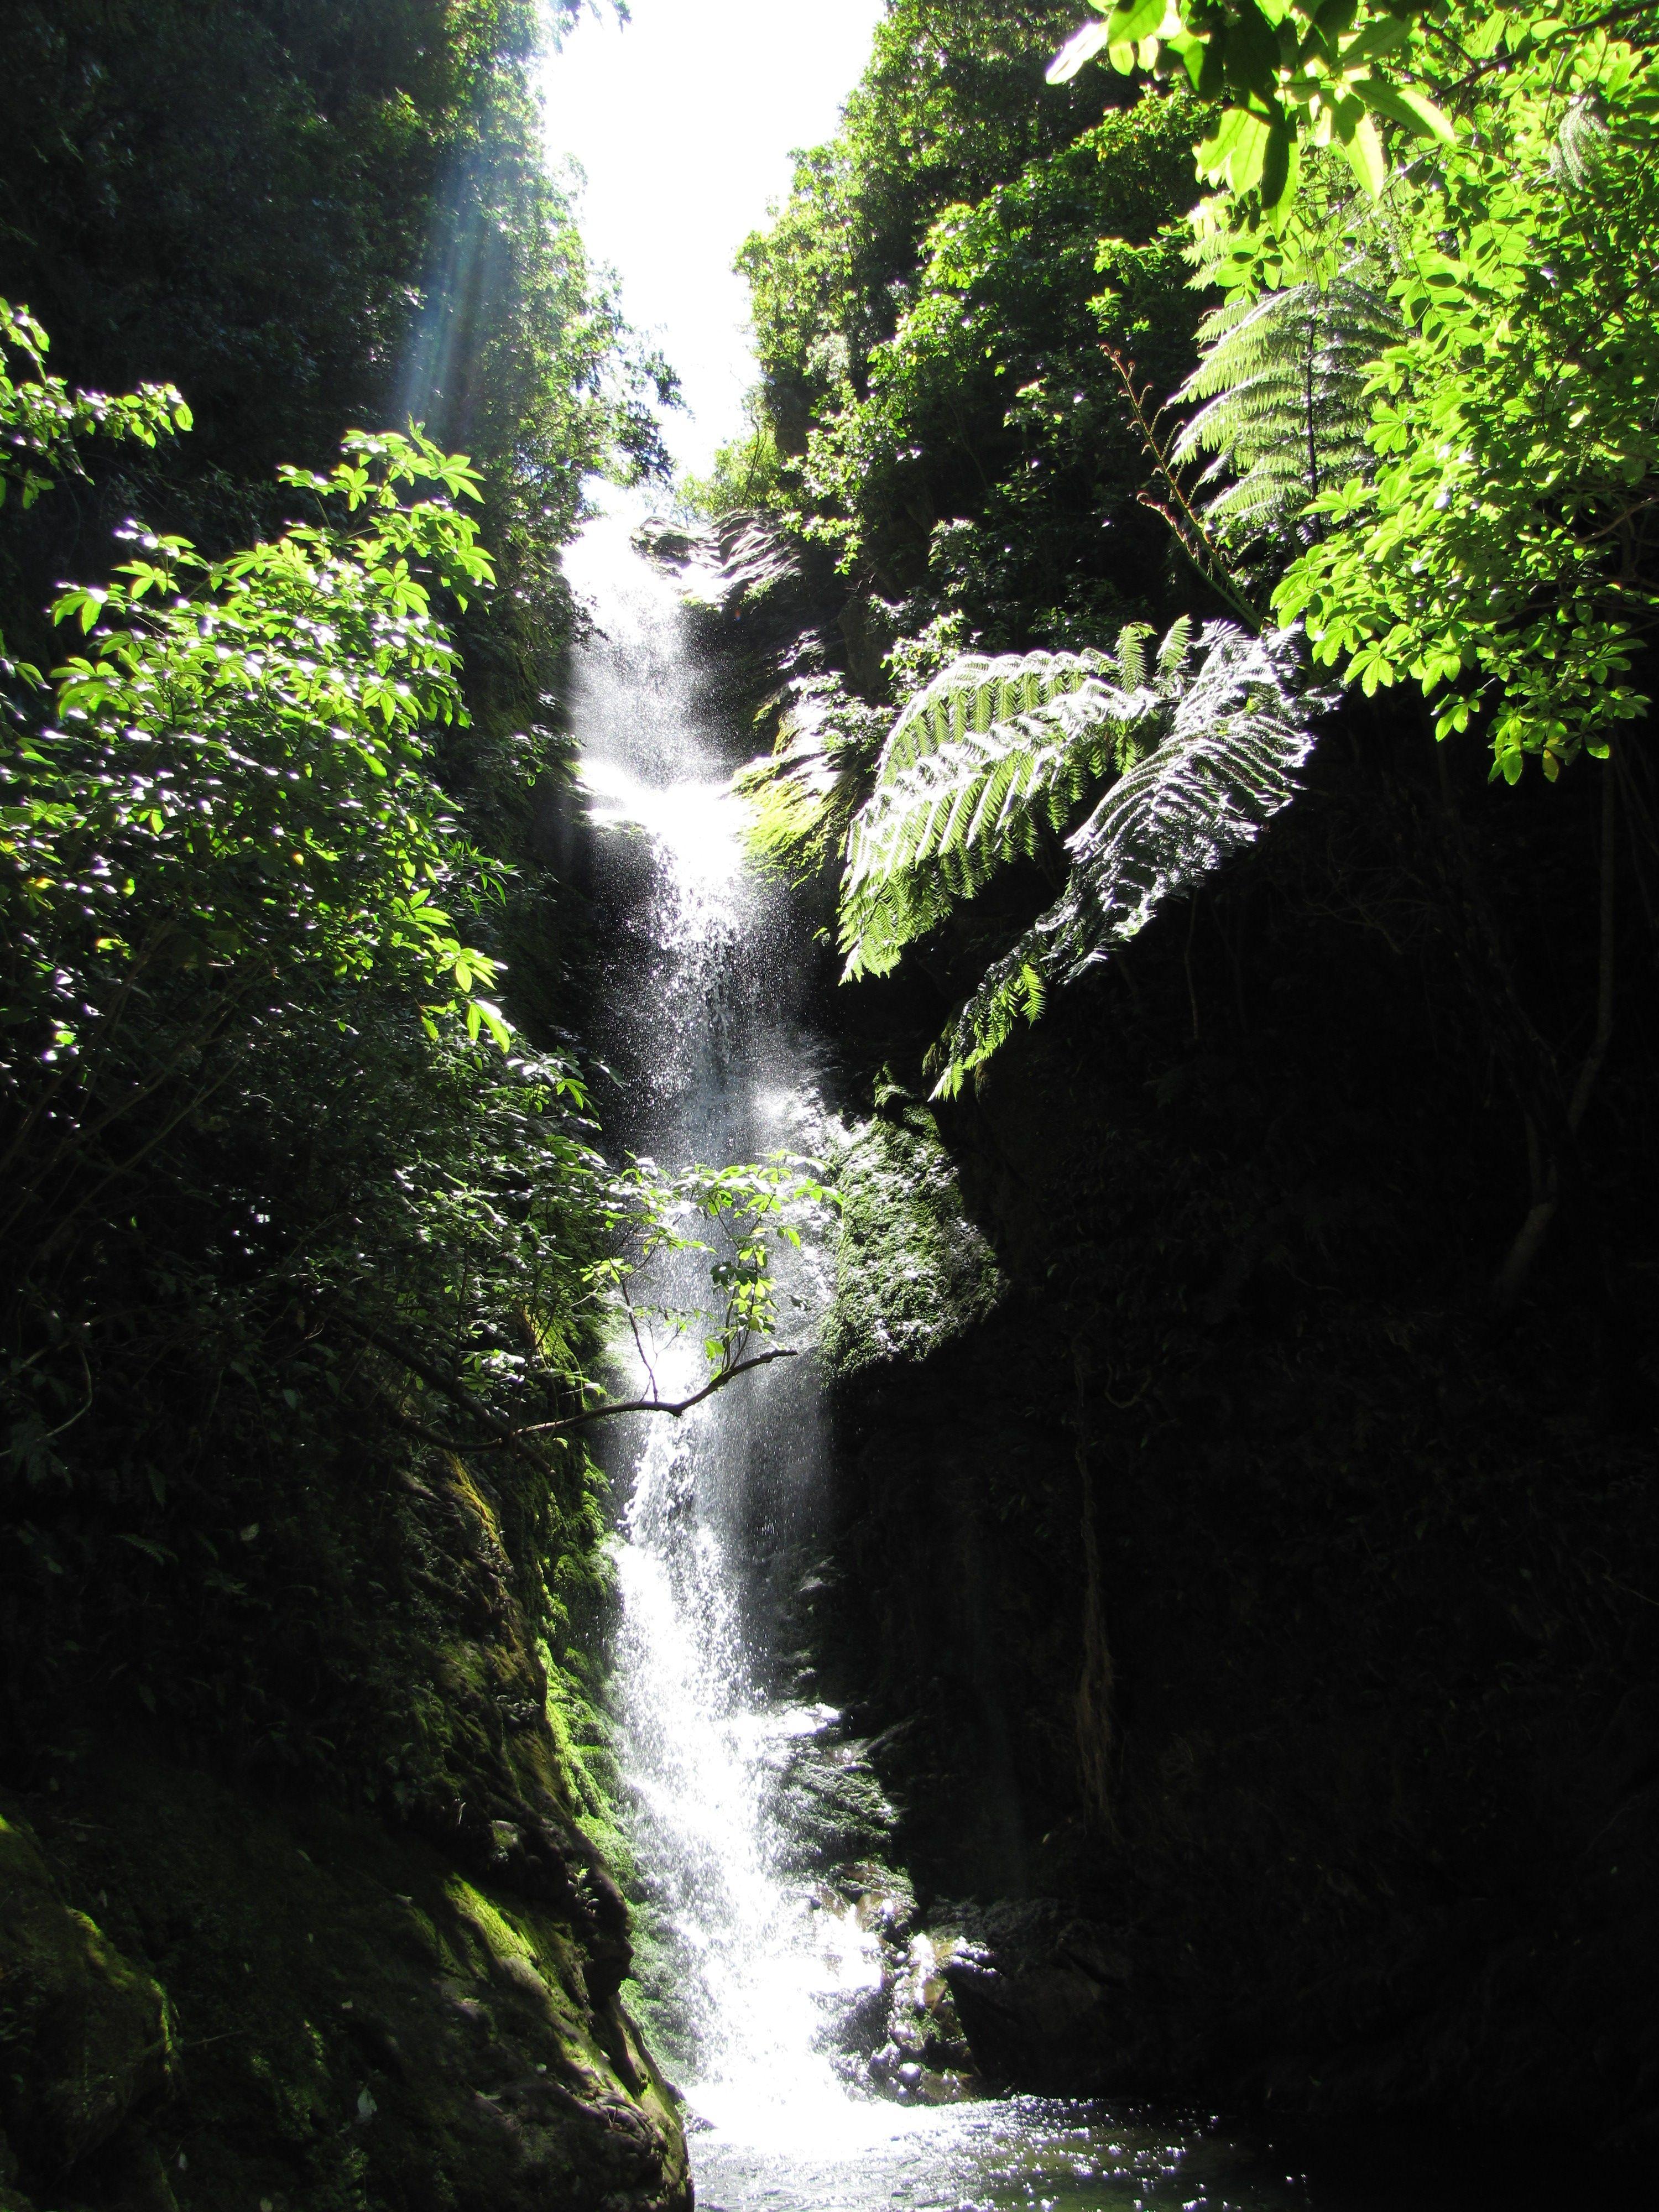 waterfall in west coast bush nz